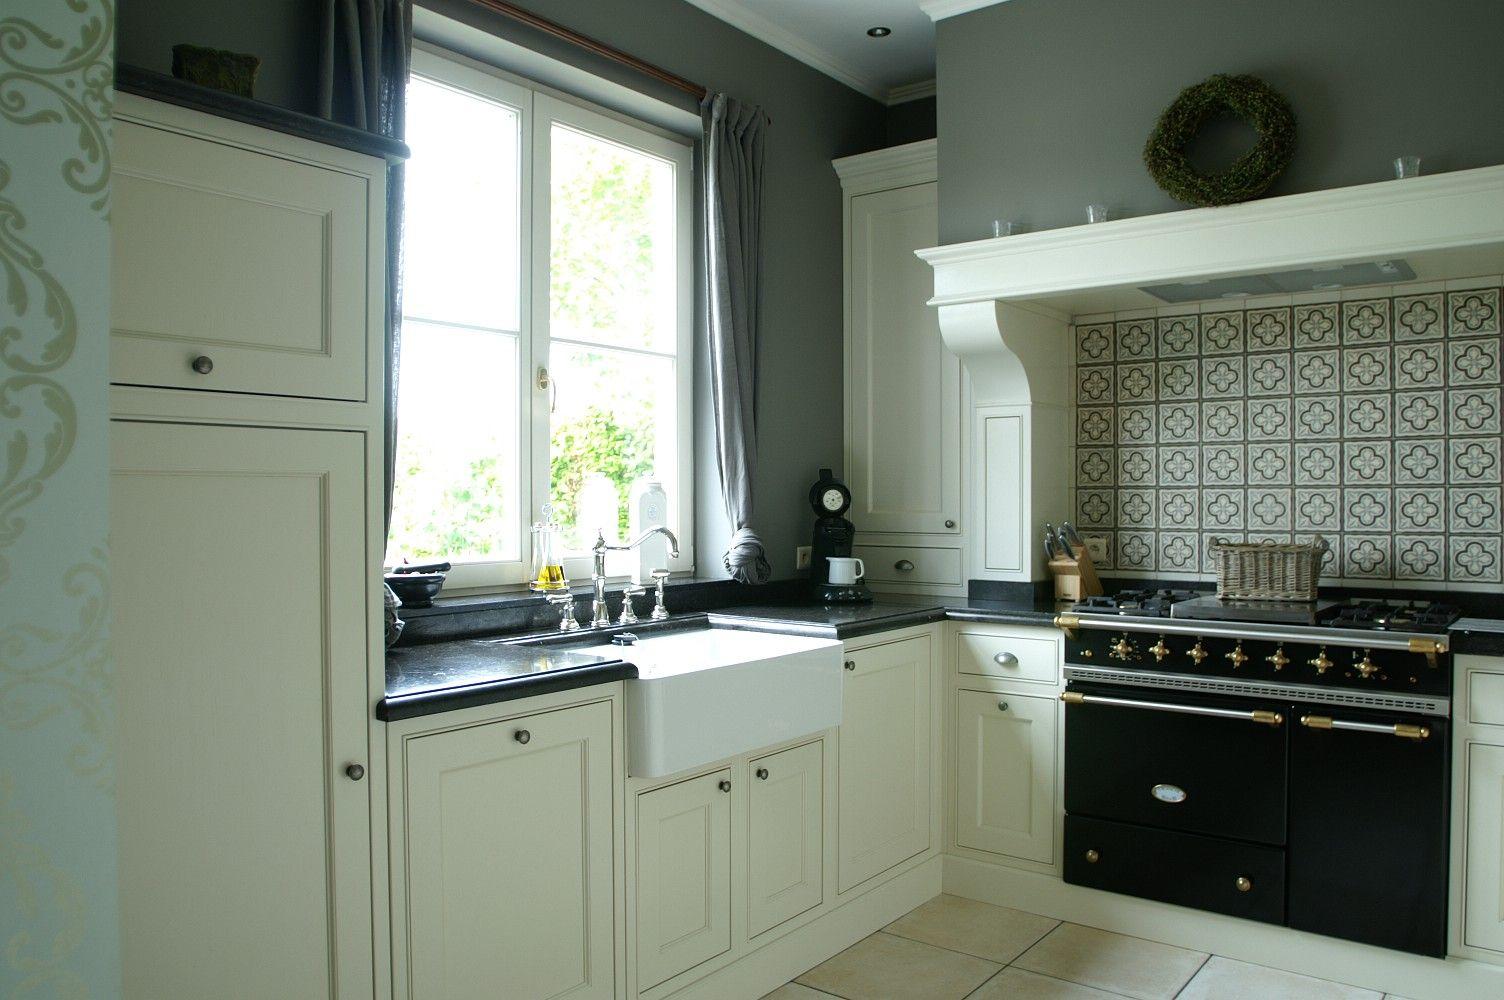 Klassieke keuken indoor kitchen dining kitchen